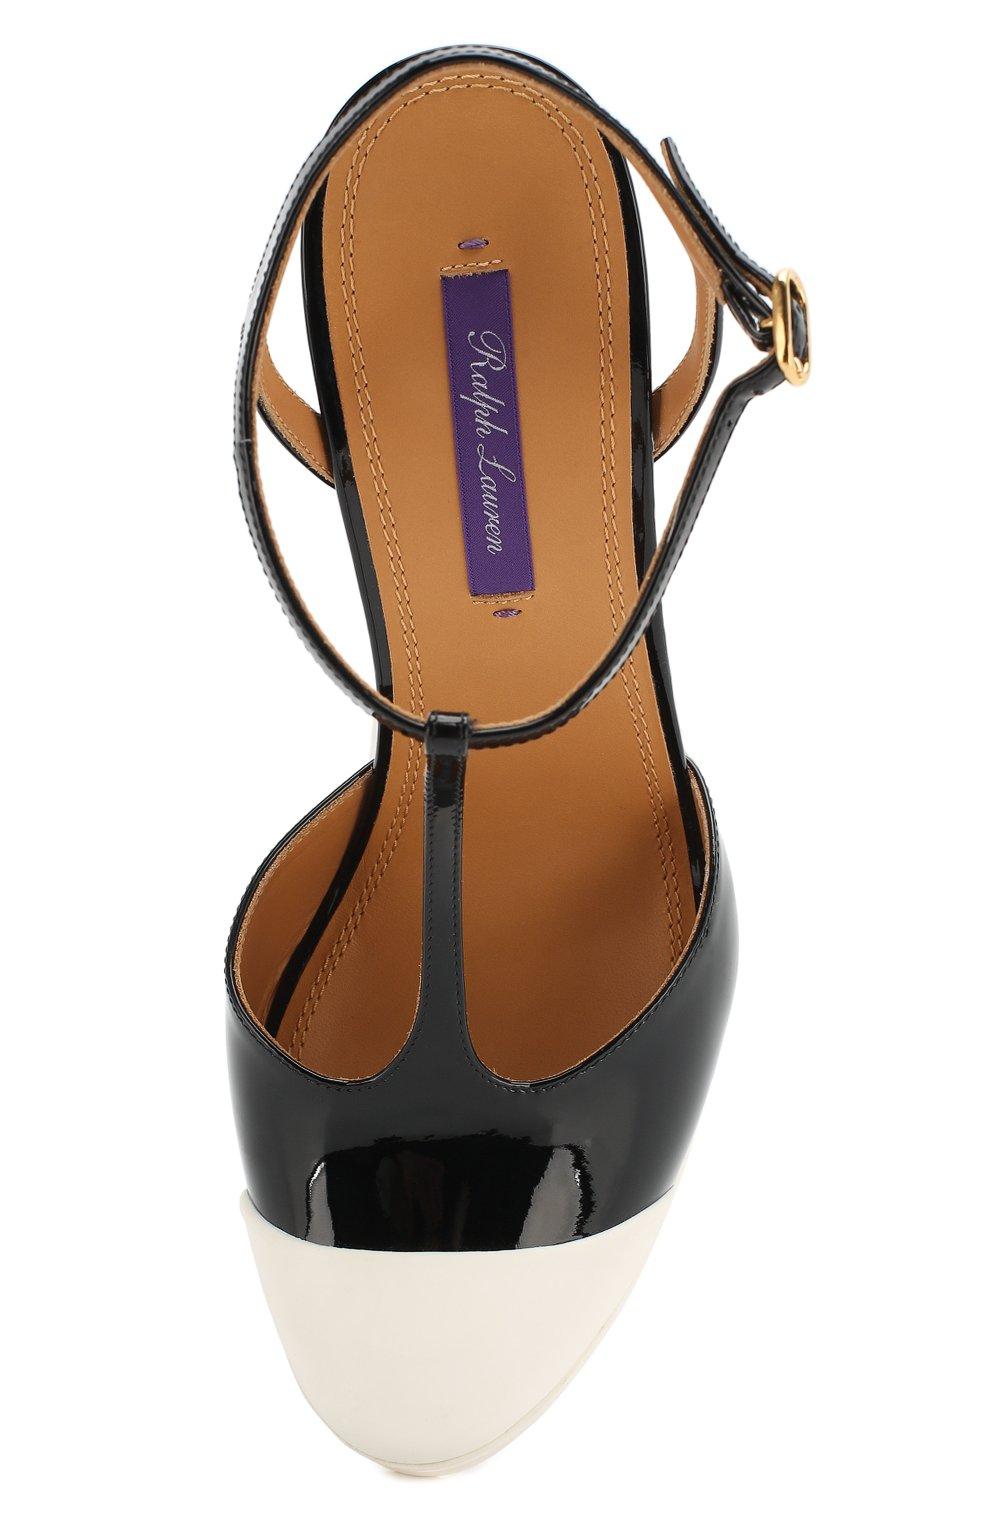 6fe856889 Женская обувь Ralph Lauren по цене от 24 700 руб. купить в  интернет-магазине ЦУМ